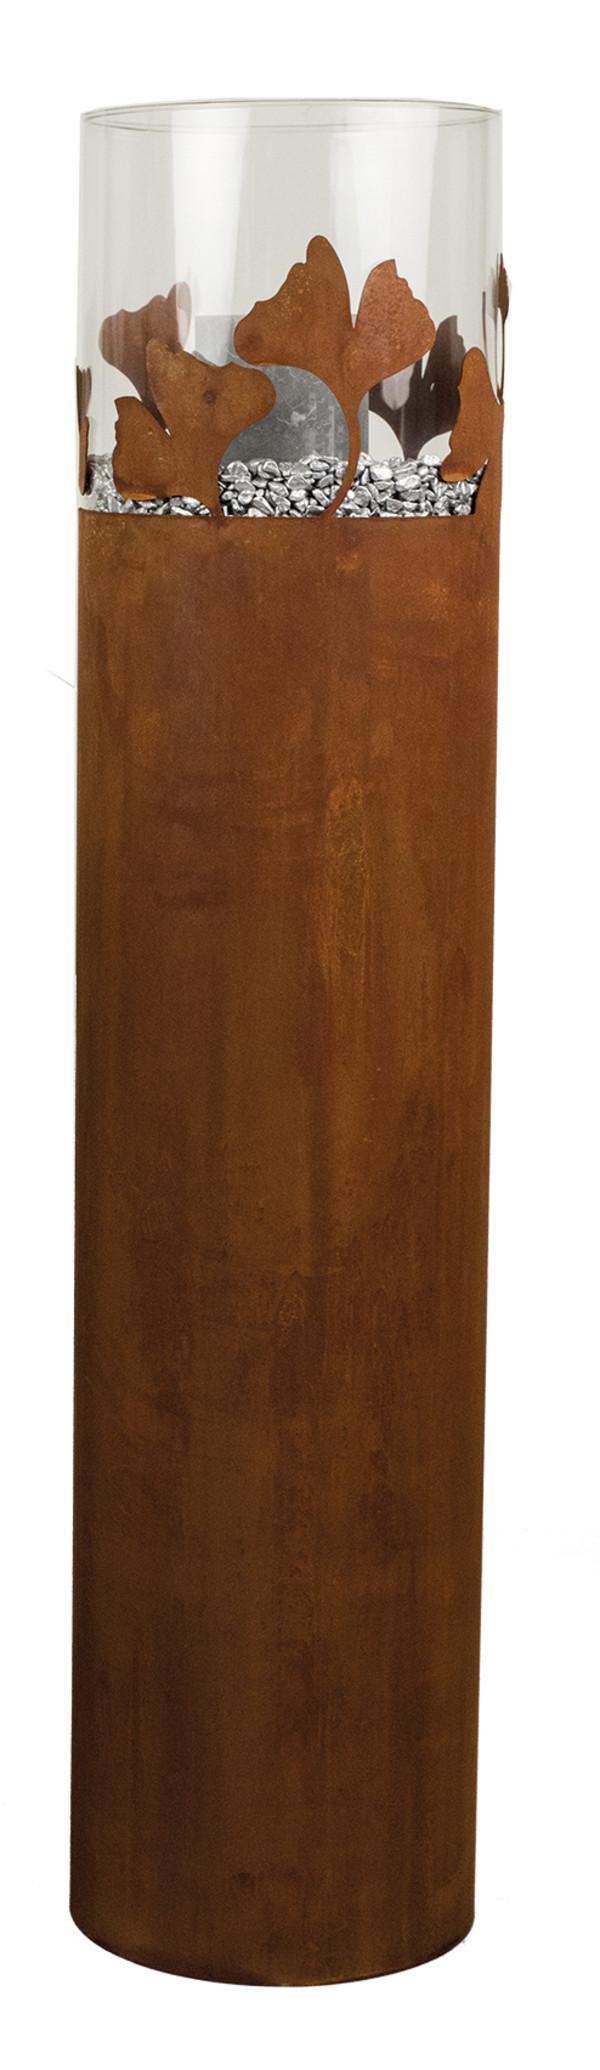 Metall-Säule Ginkgo mit Glaseinsatz, Ø25/H100 cm